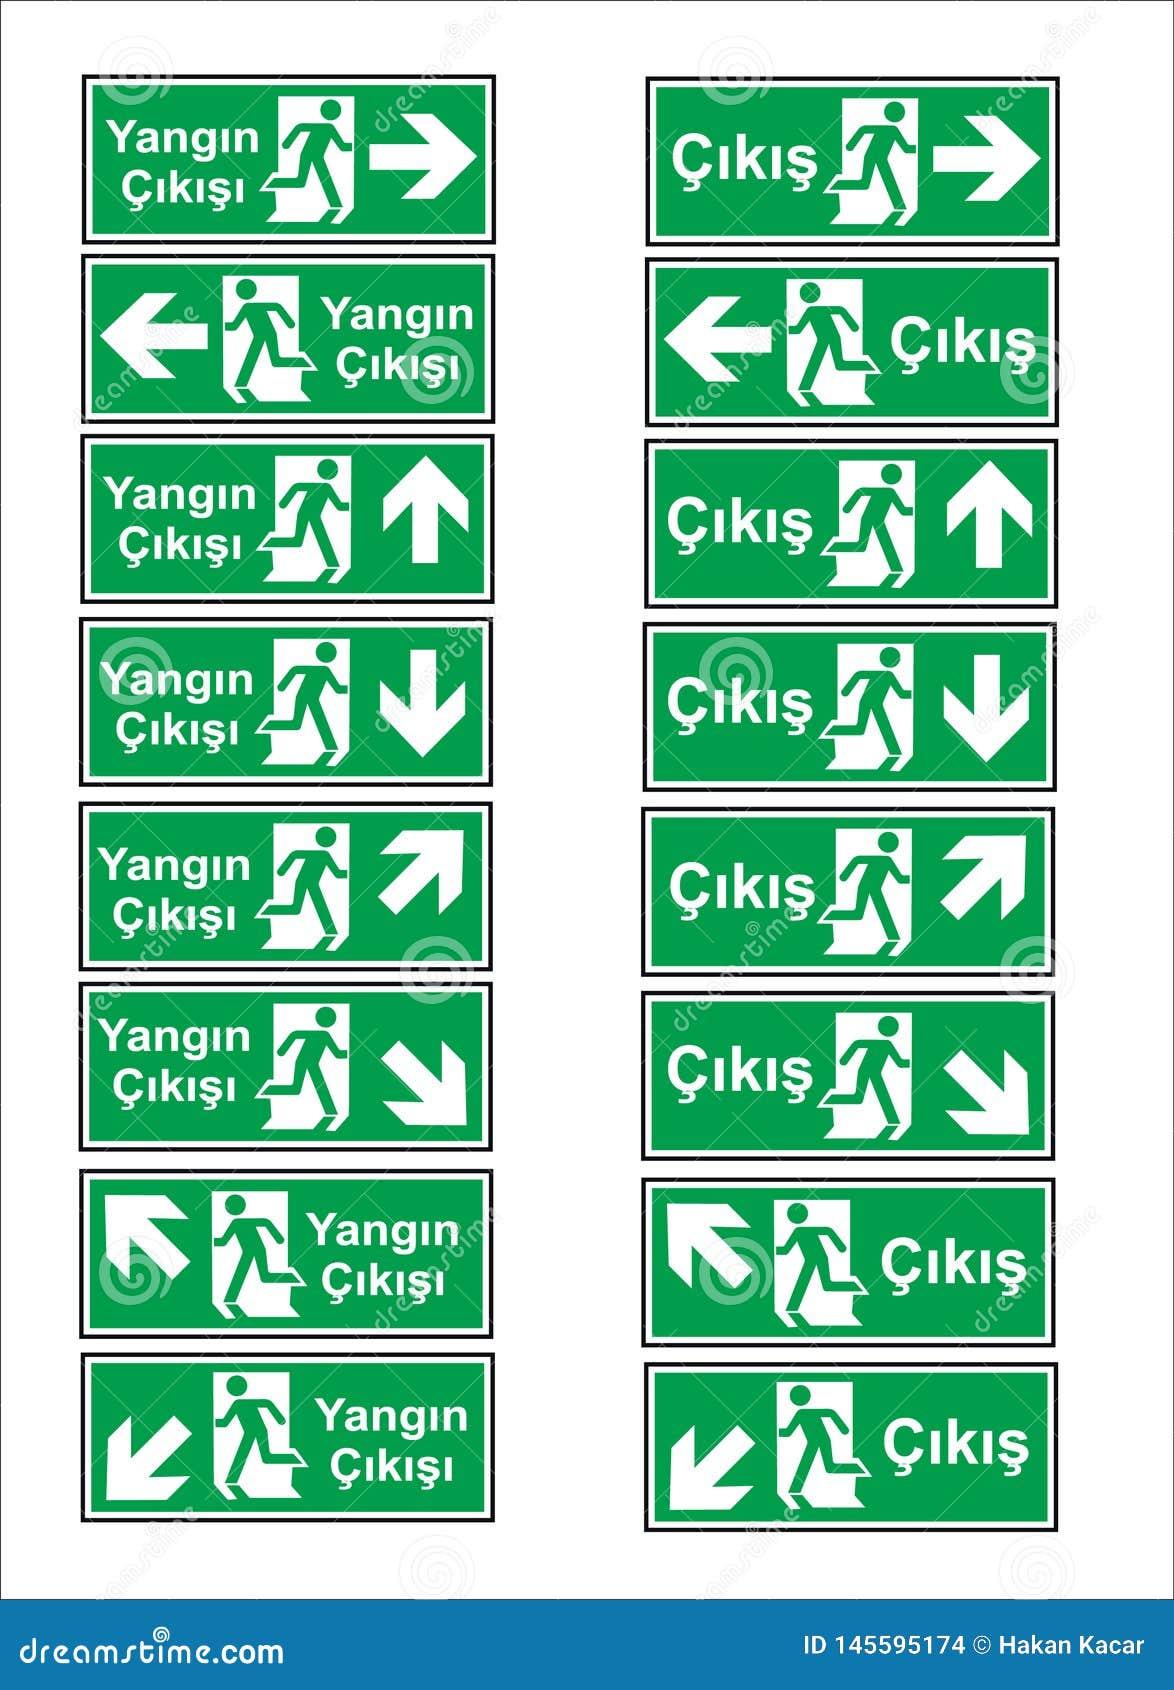 Modelli turchi del contrassegno, segno di rischio, segno proibito, segni di salute e sicurezza sul lavoro, insegna d avvertimento